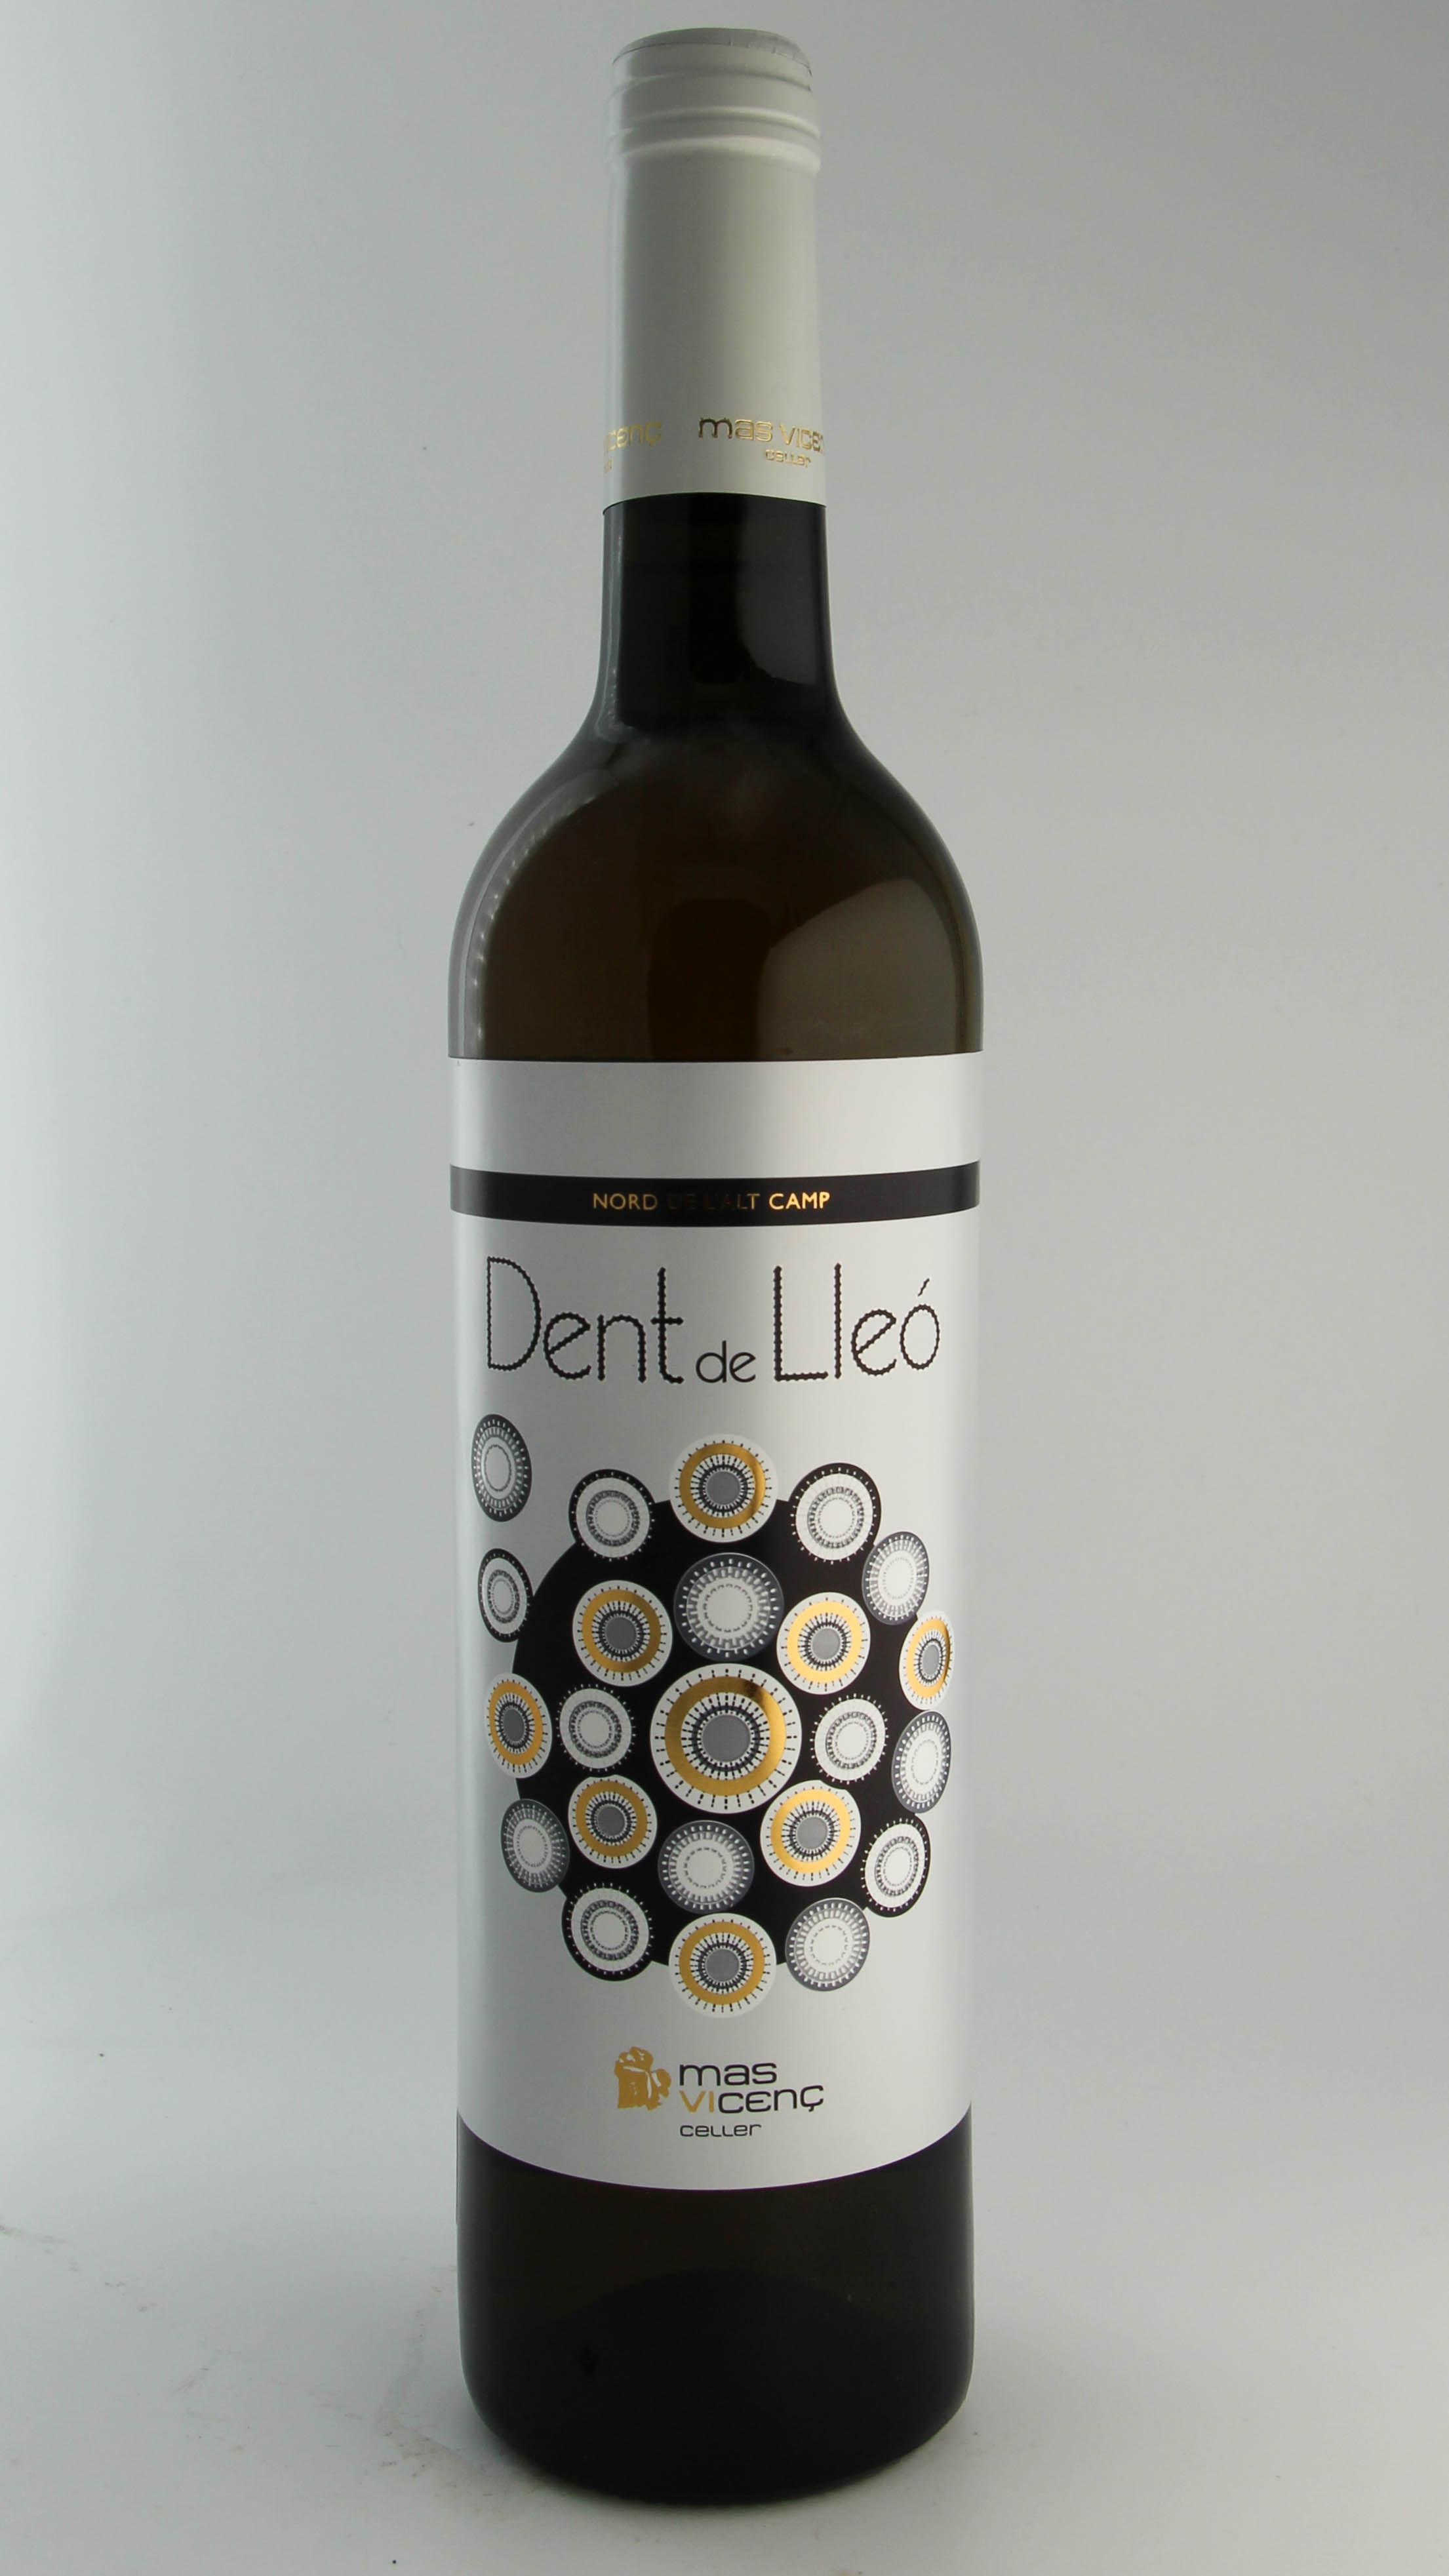 Produktbild Dent de Lleo